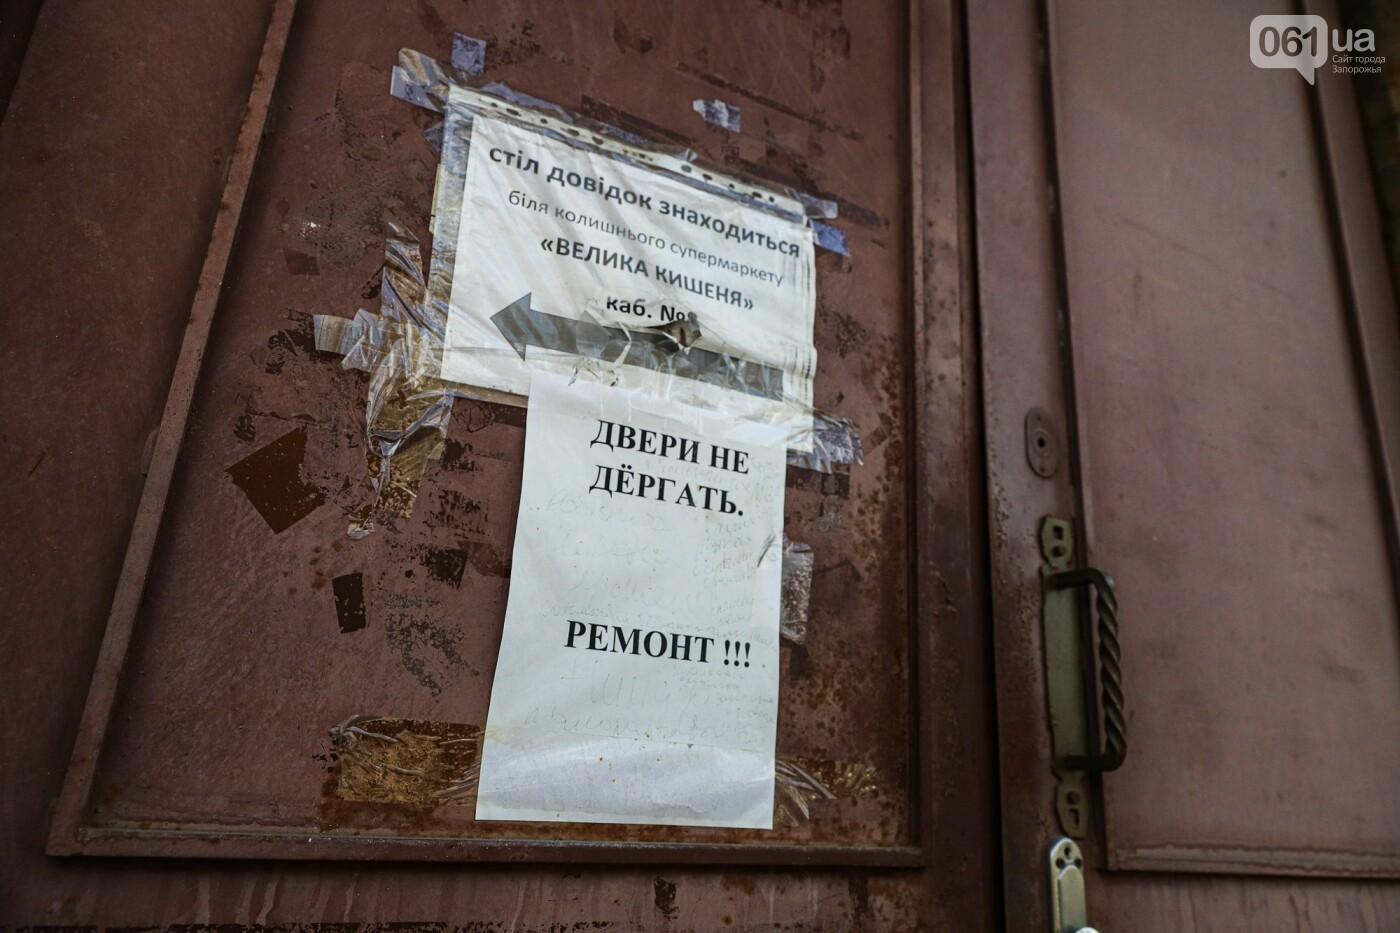 Памятники Старого Александровска: как сейчас выглядит здание первой в городе электростанции, - ФОТО, фото-28